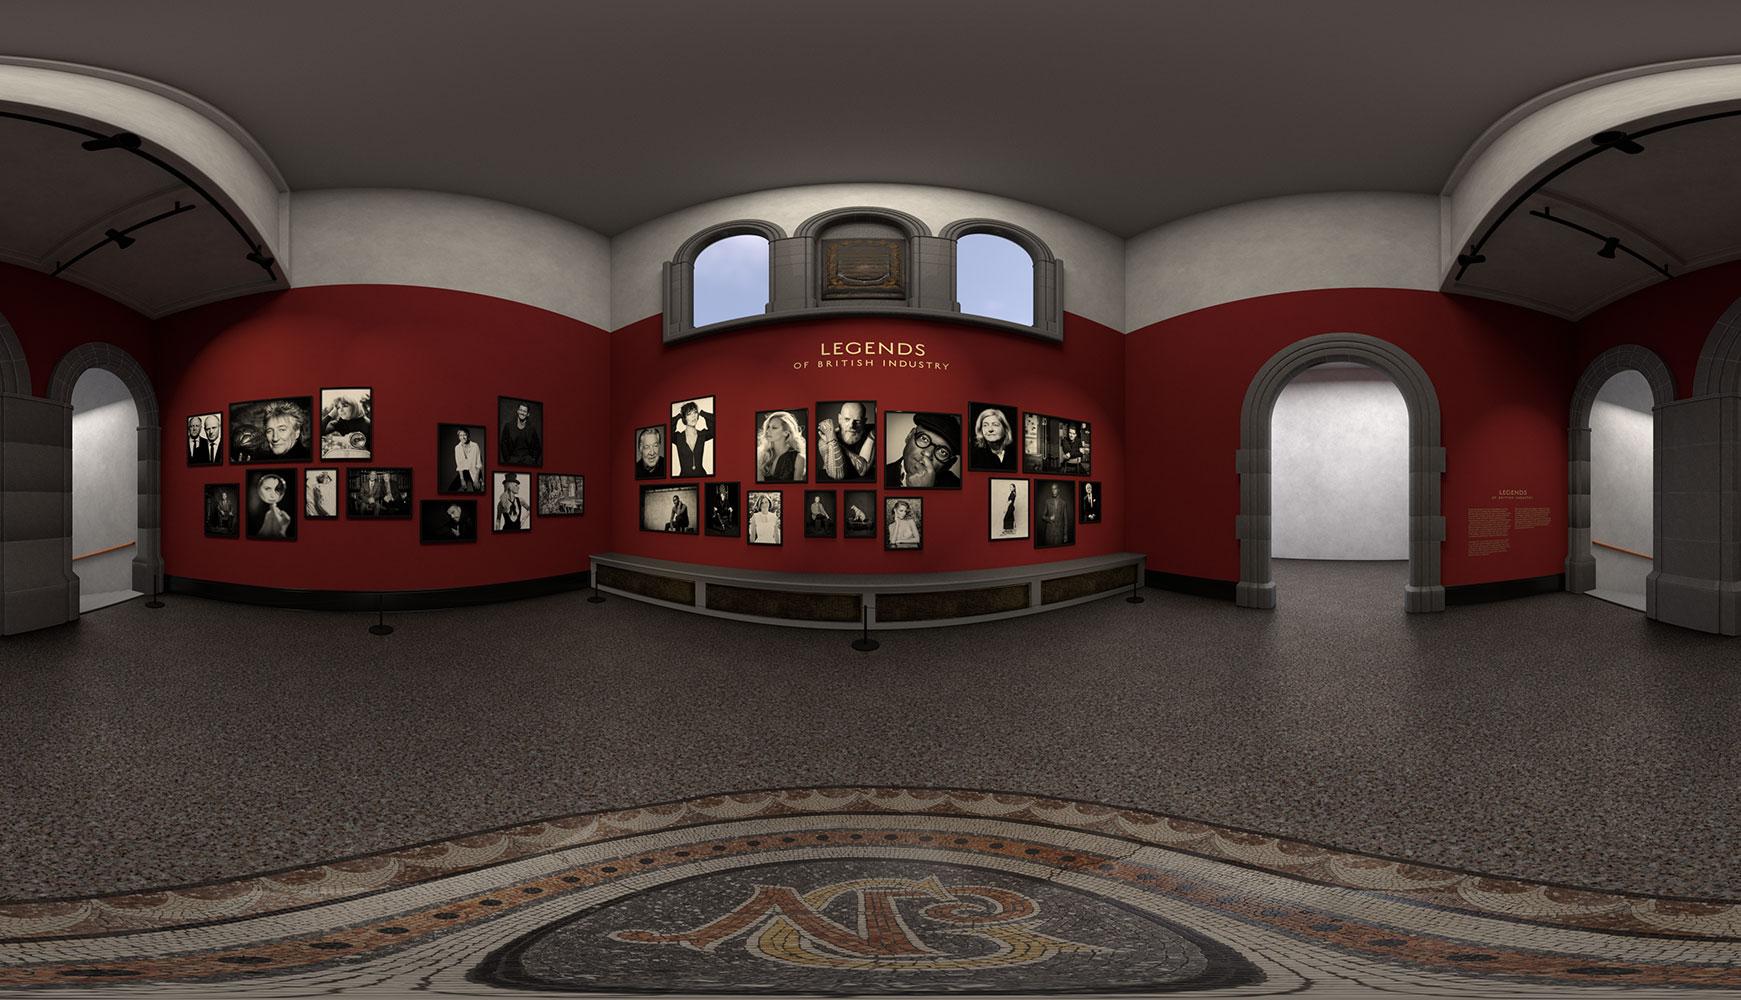 Legends Exhibition